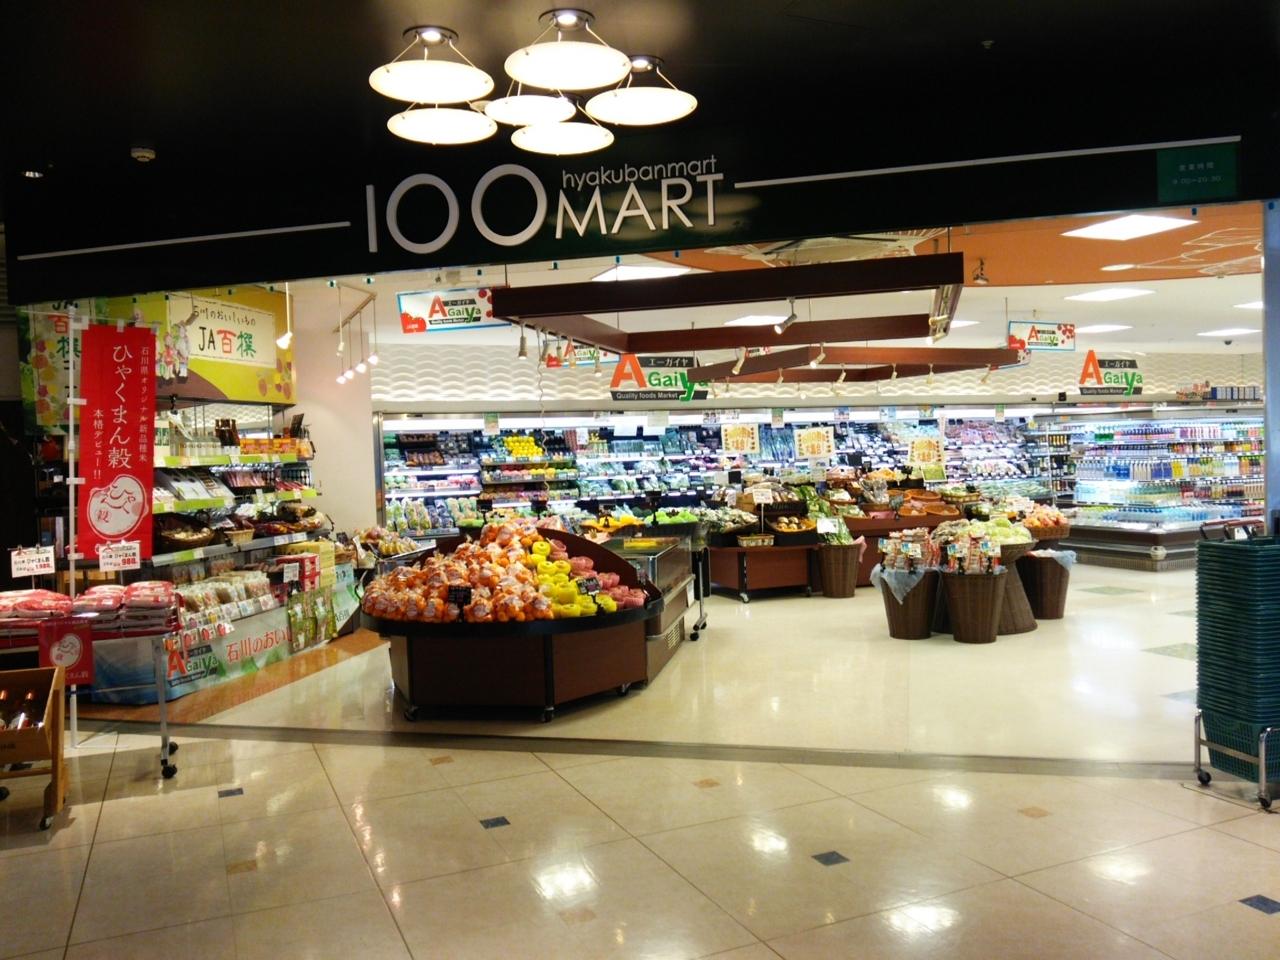 金沢駅のスーパー「100MART」。100均ではない